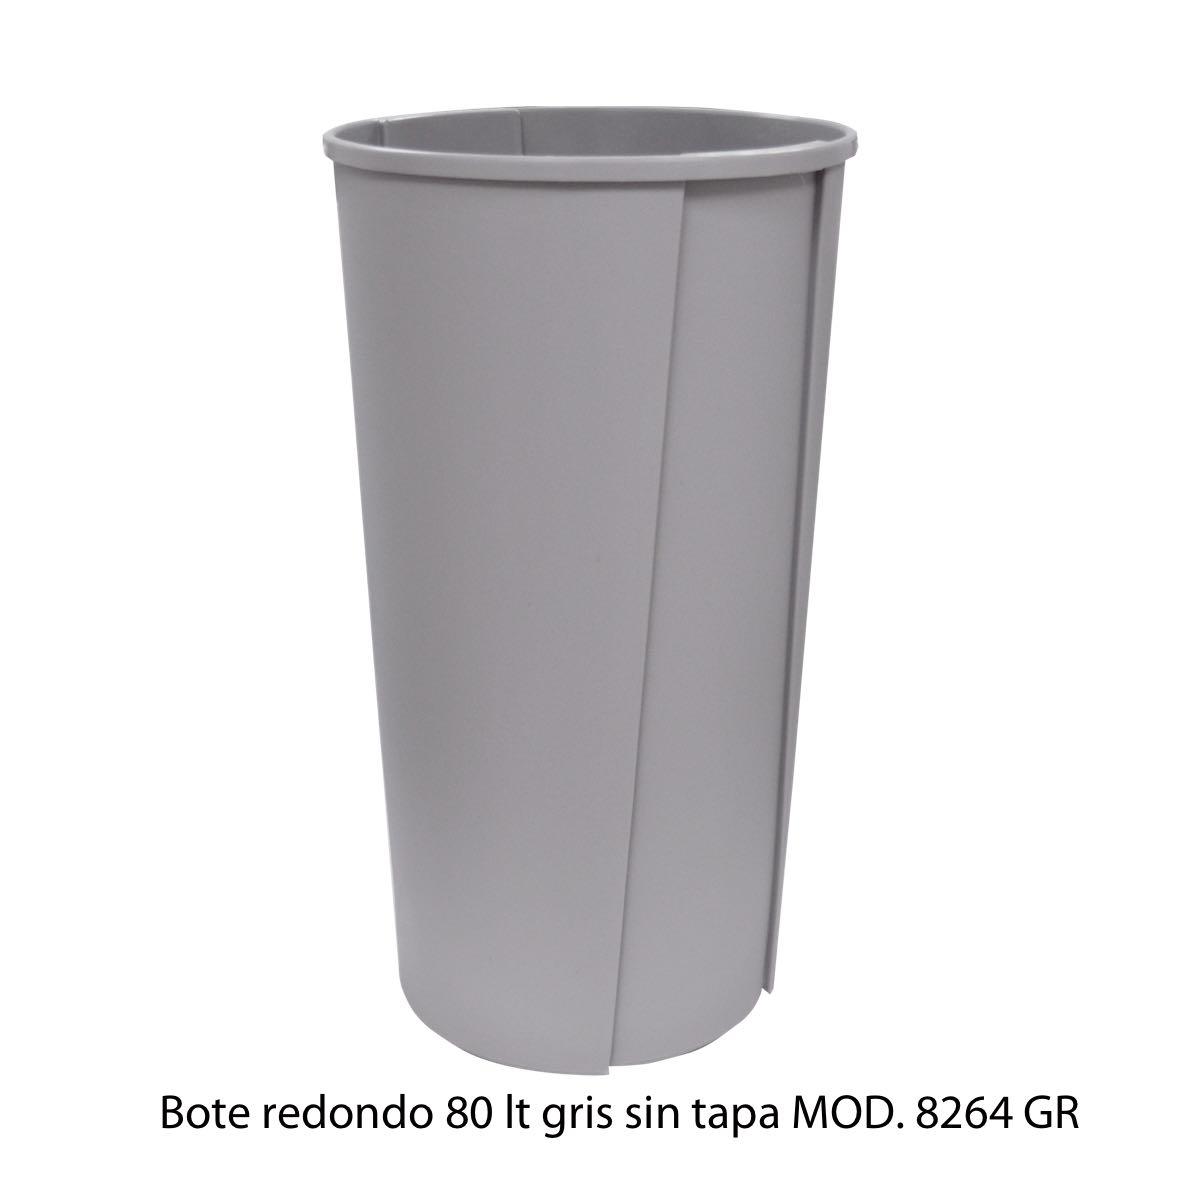 Bote de basura redondo sin tapa de 80 litros gris modelo 8264 GR Sablón